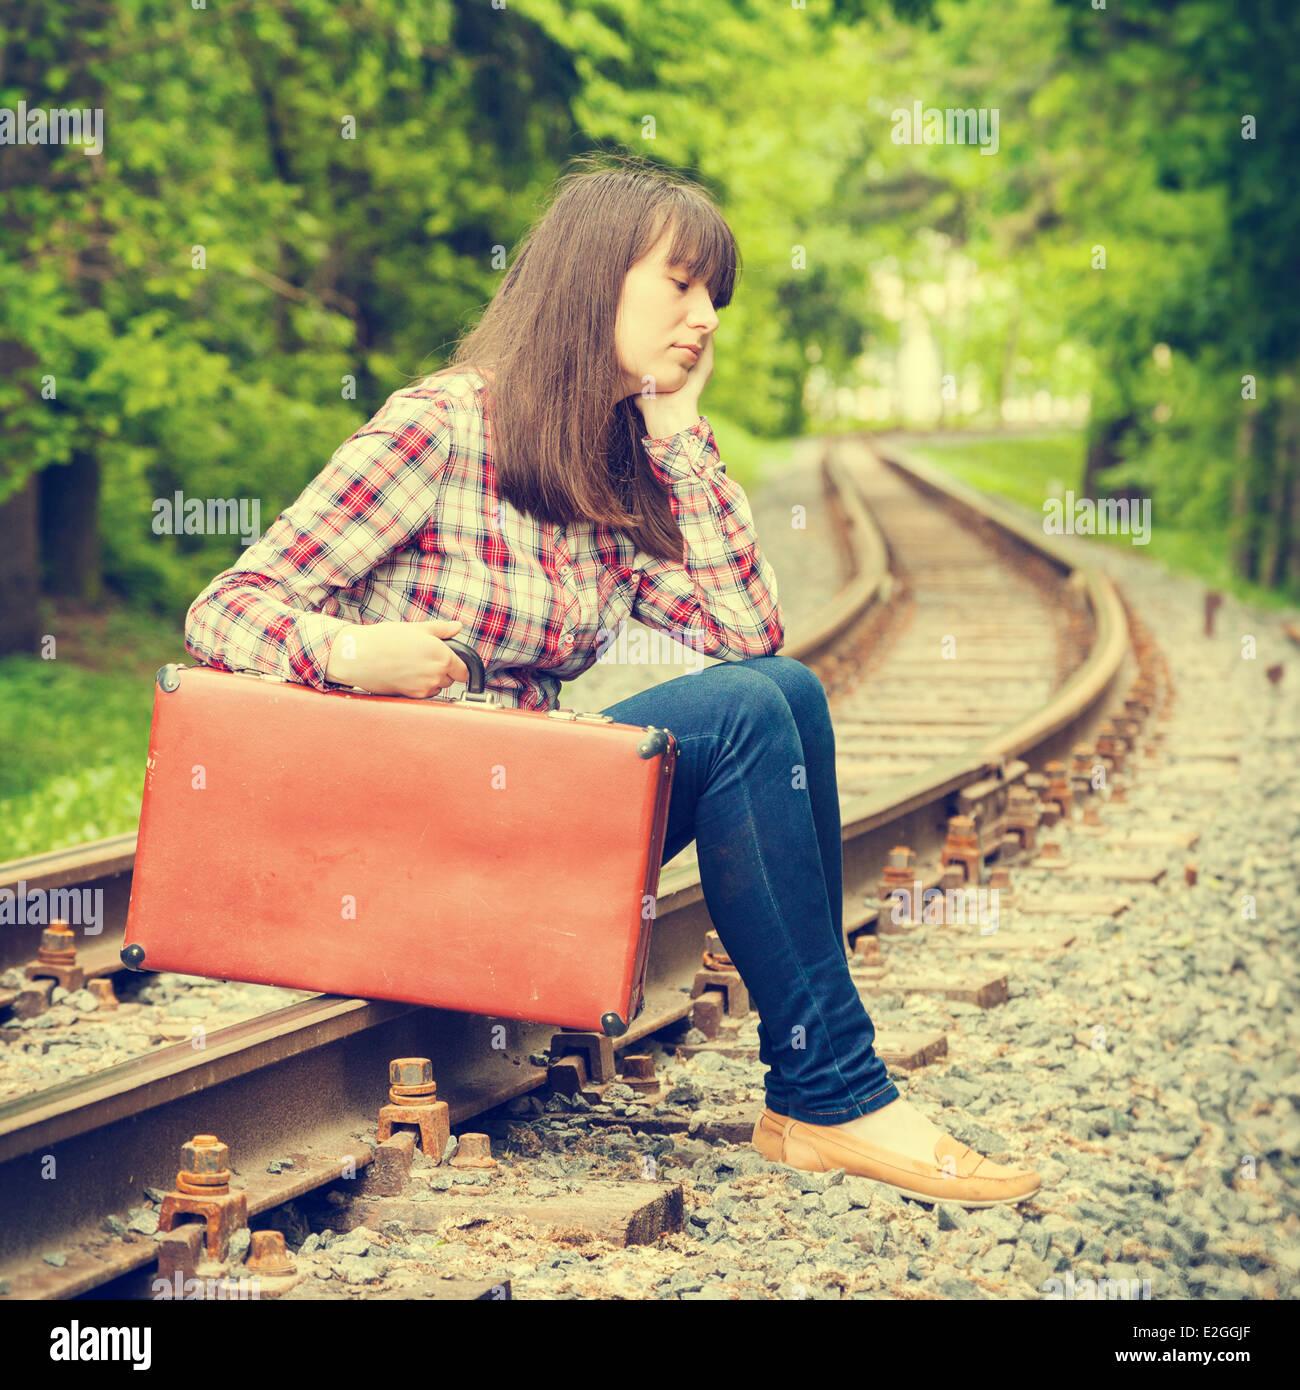 Adolescente ragazza triste con la valigia seduto su rotaie Immagini Stock